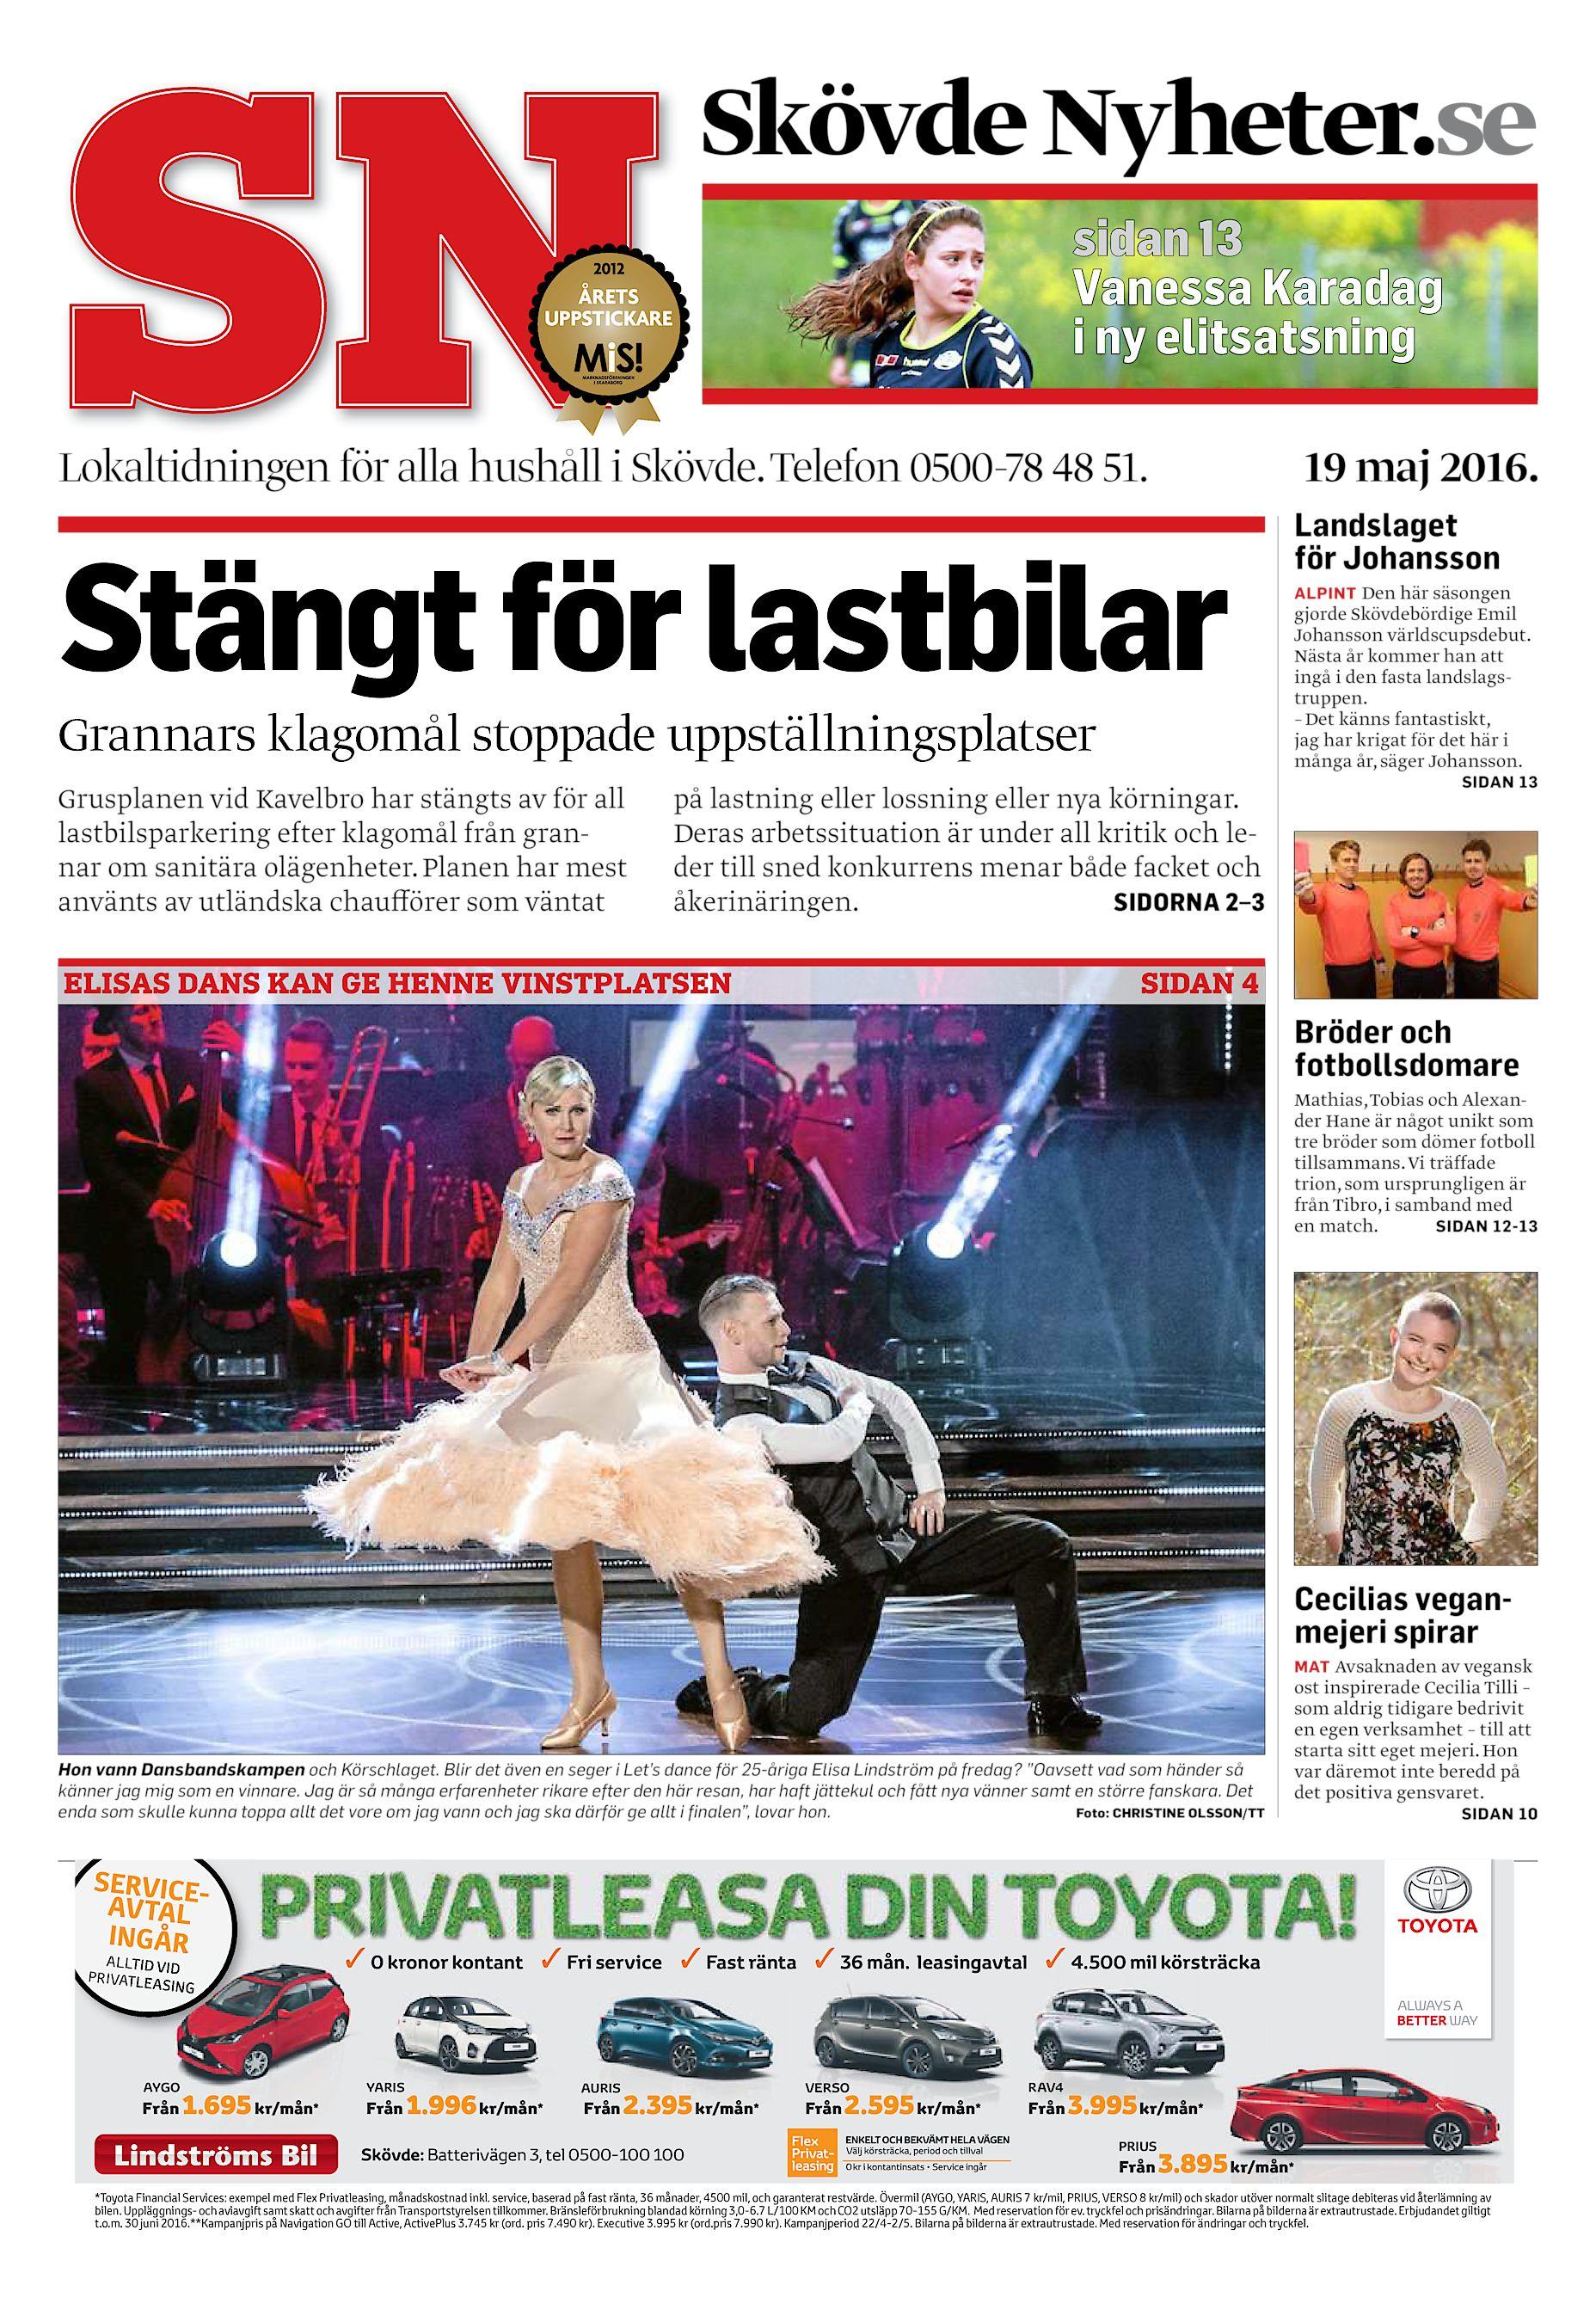 6e8b55a850e2 Skövde Nyheter.se sidan 13 Vanessa Karadag i ny elitsatsning Lokaltidningen  för alla hushåll i